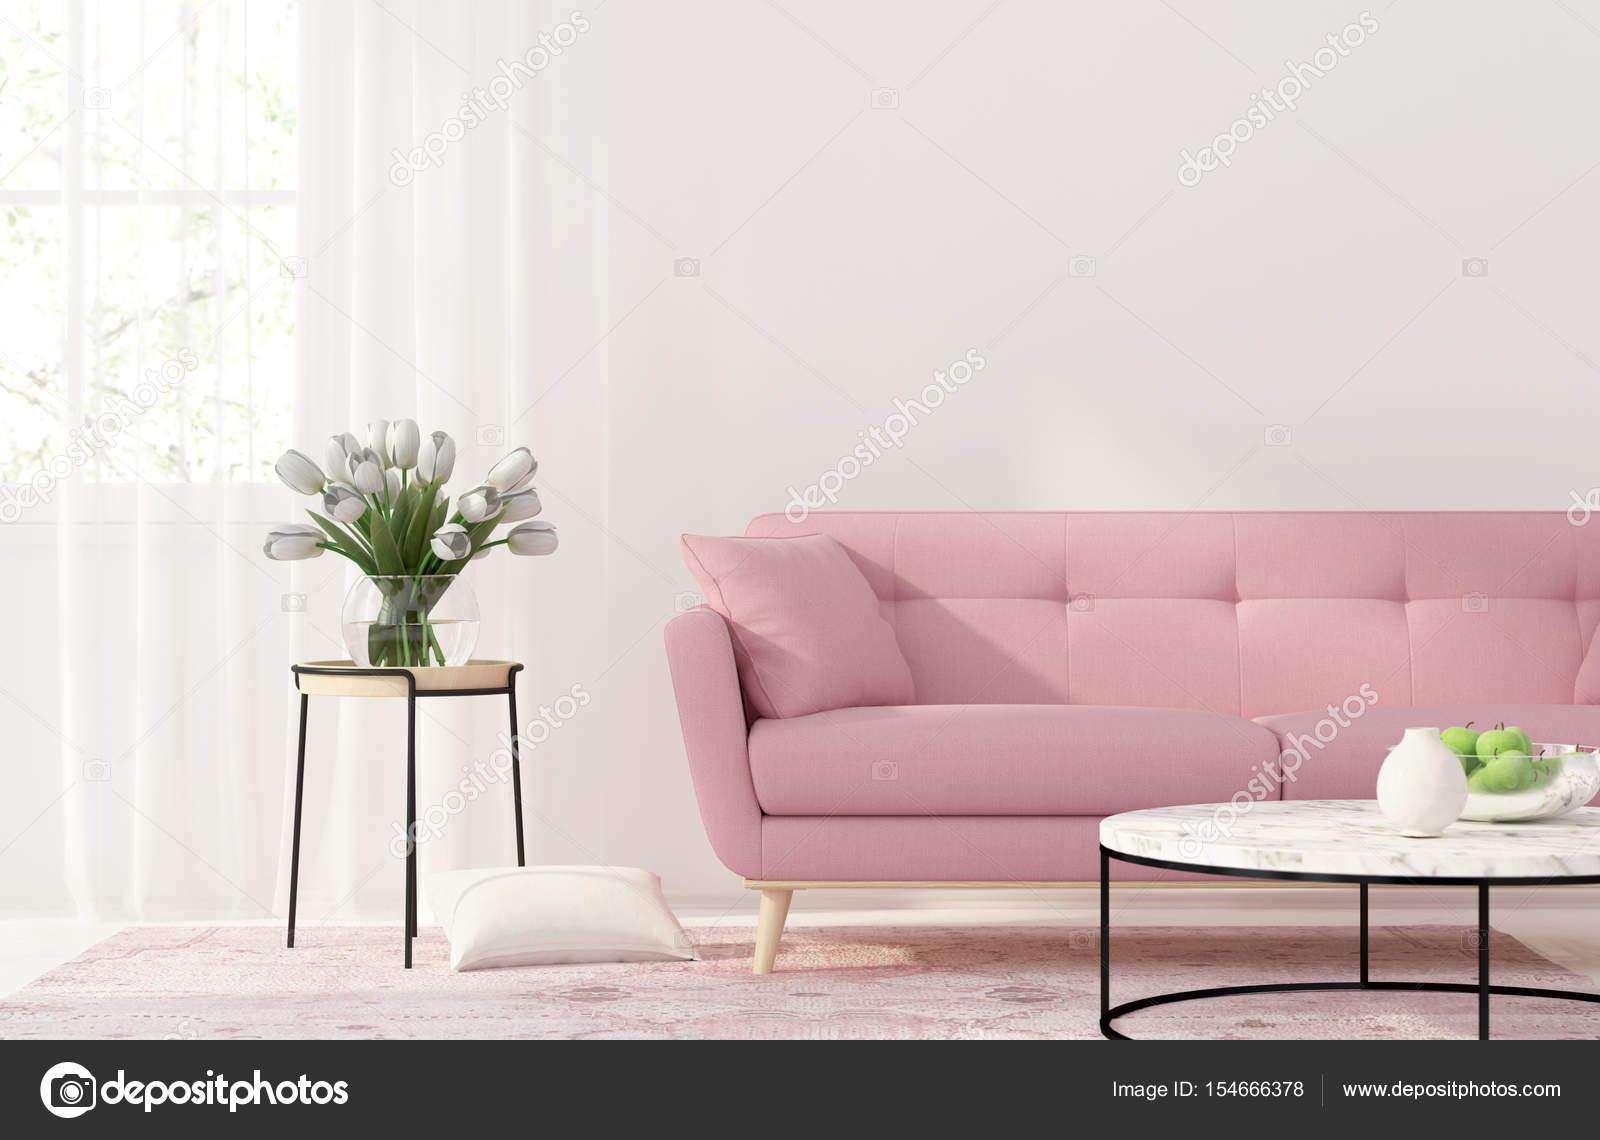 Woonkamer met een roze Bank — Stockfoto © JZhuk #154666378